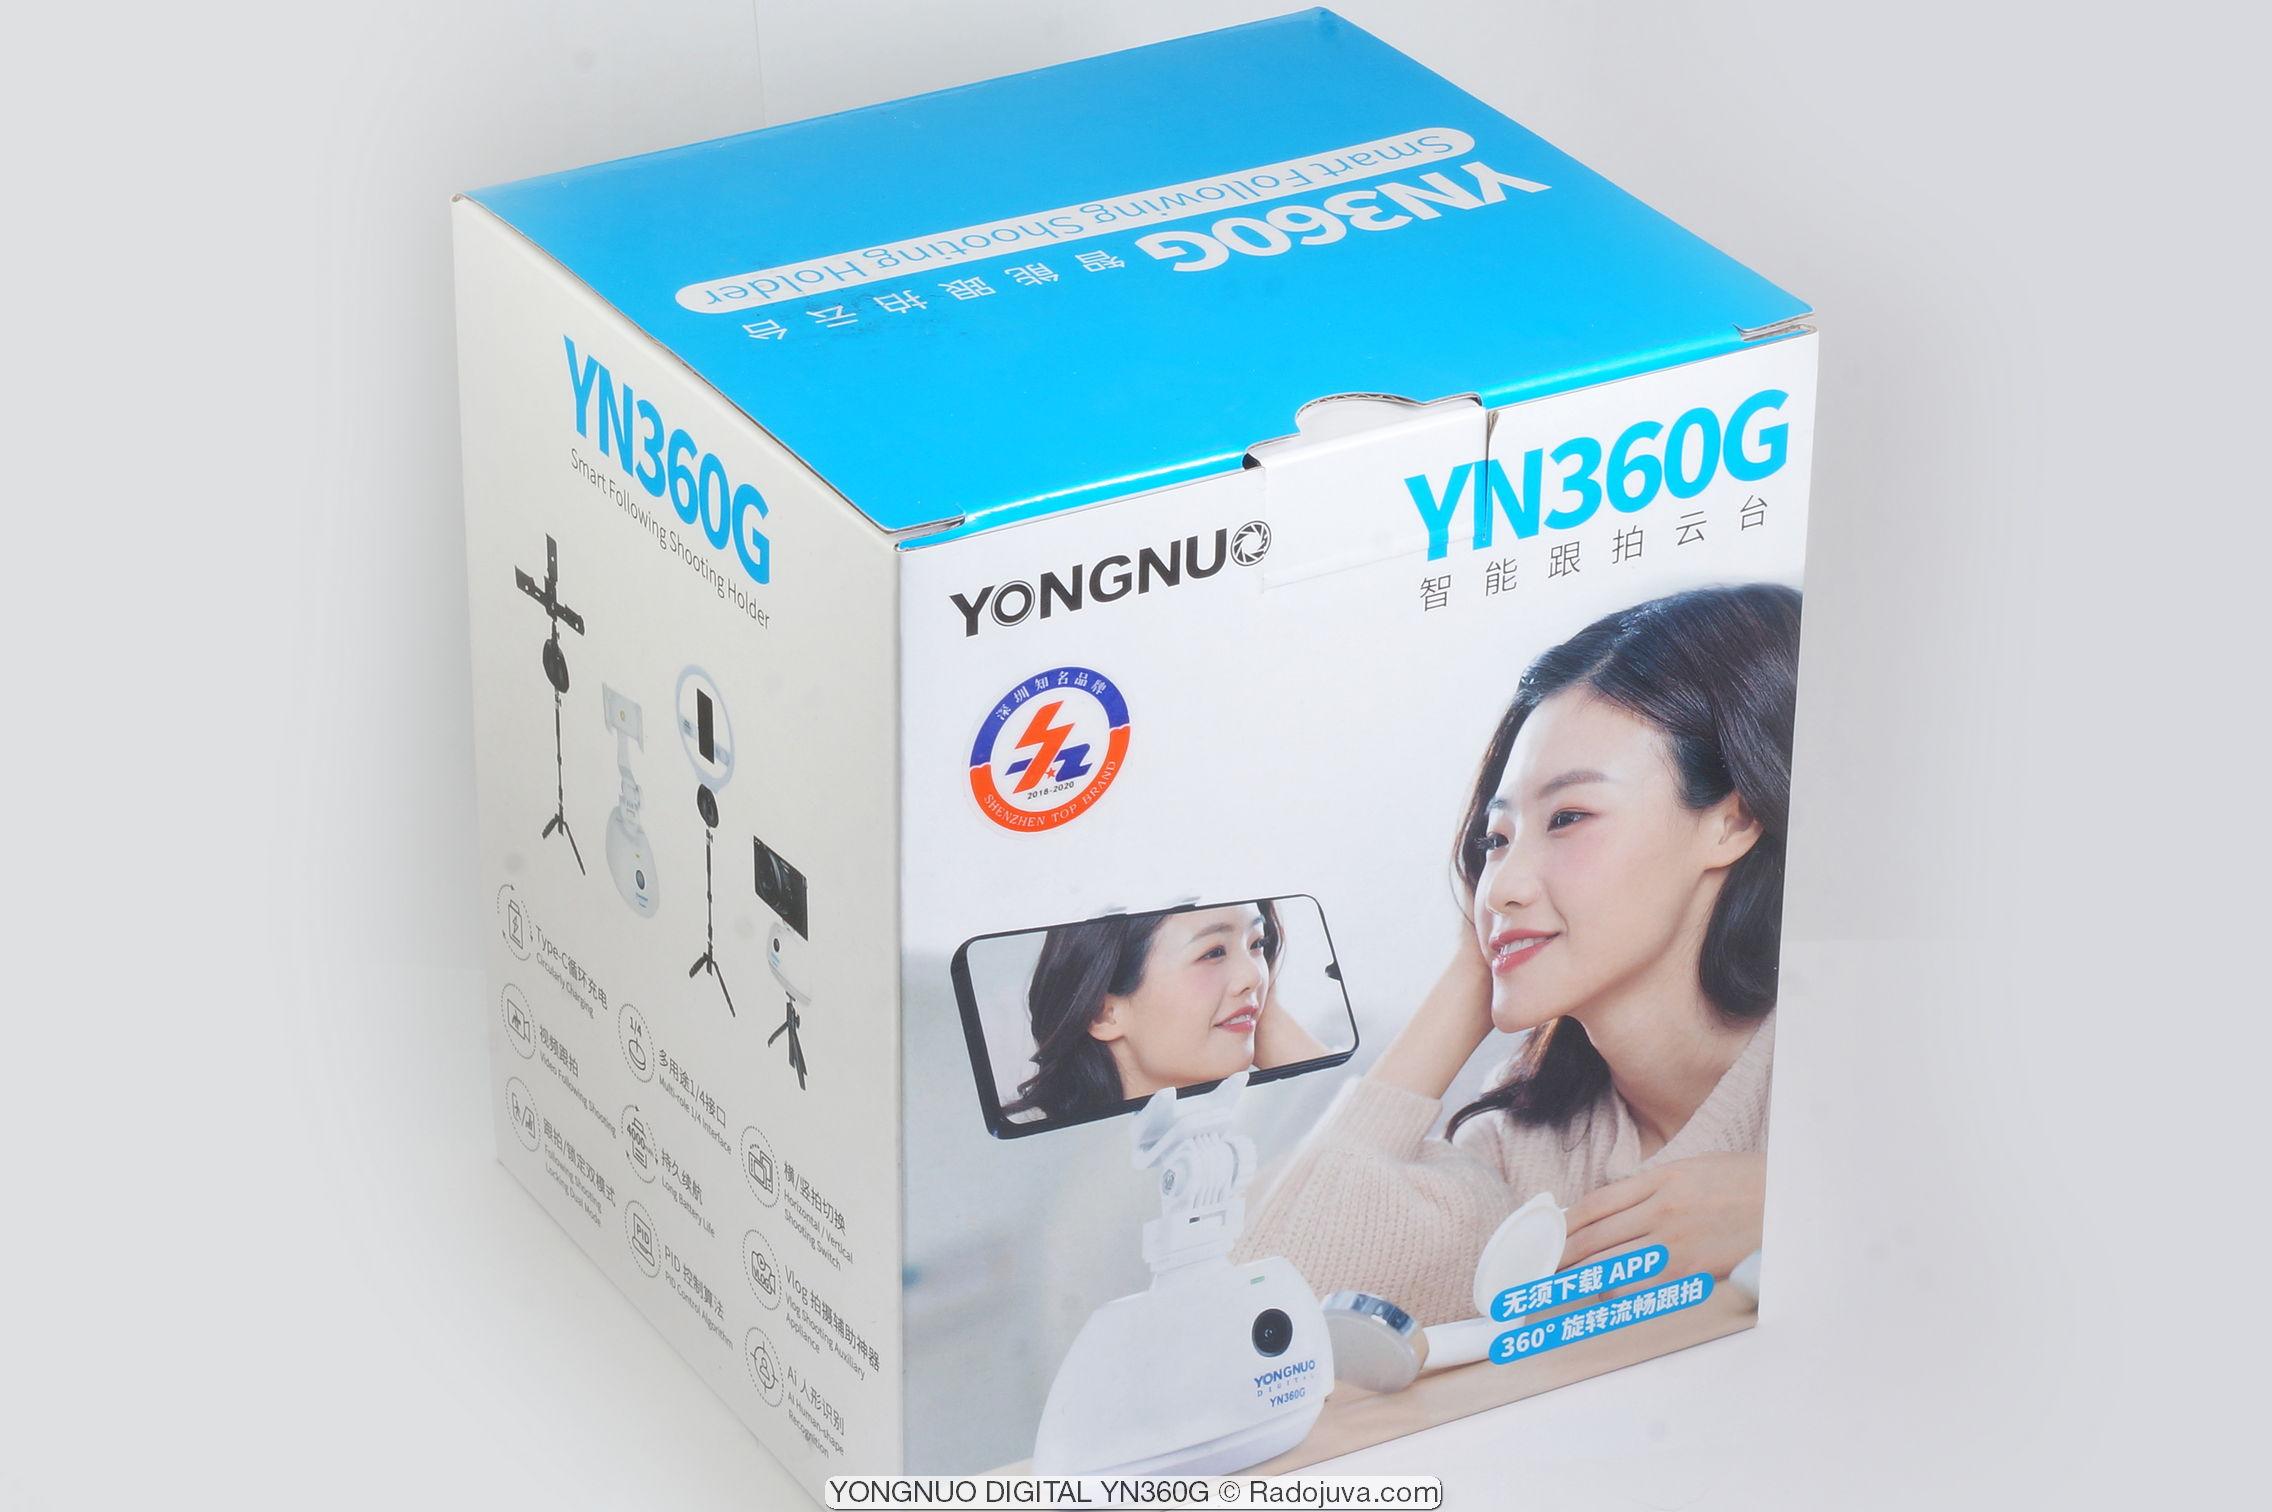 YONGNUO YN360G